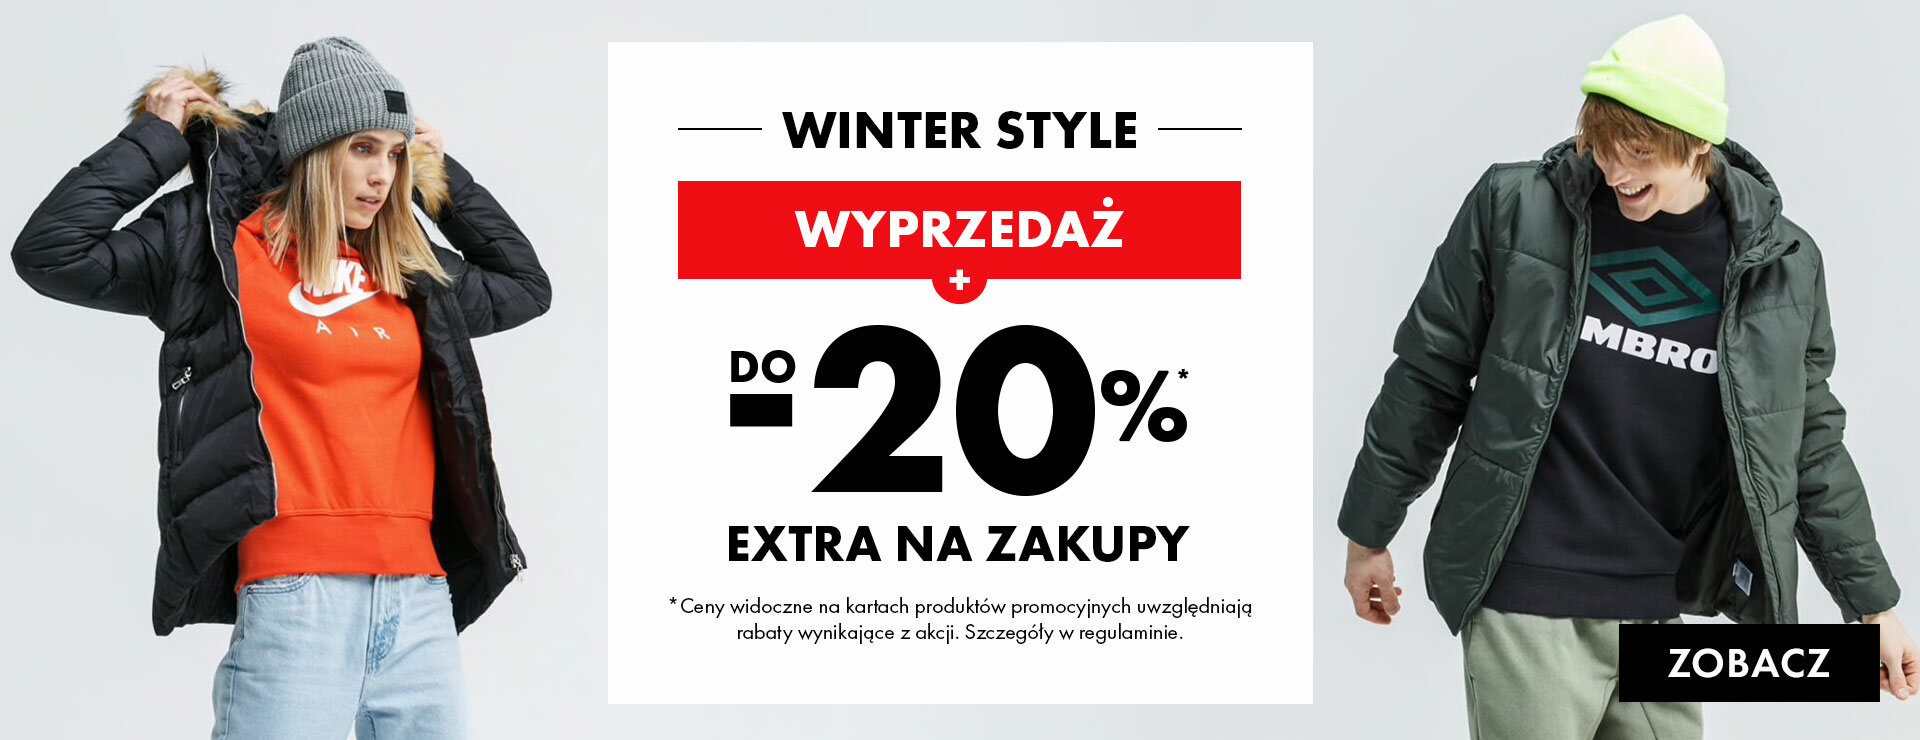 50Style: Winter Style 20% rabatu do wyprzedaży odzieży i obuwia sportowego